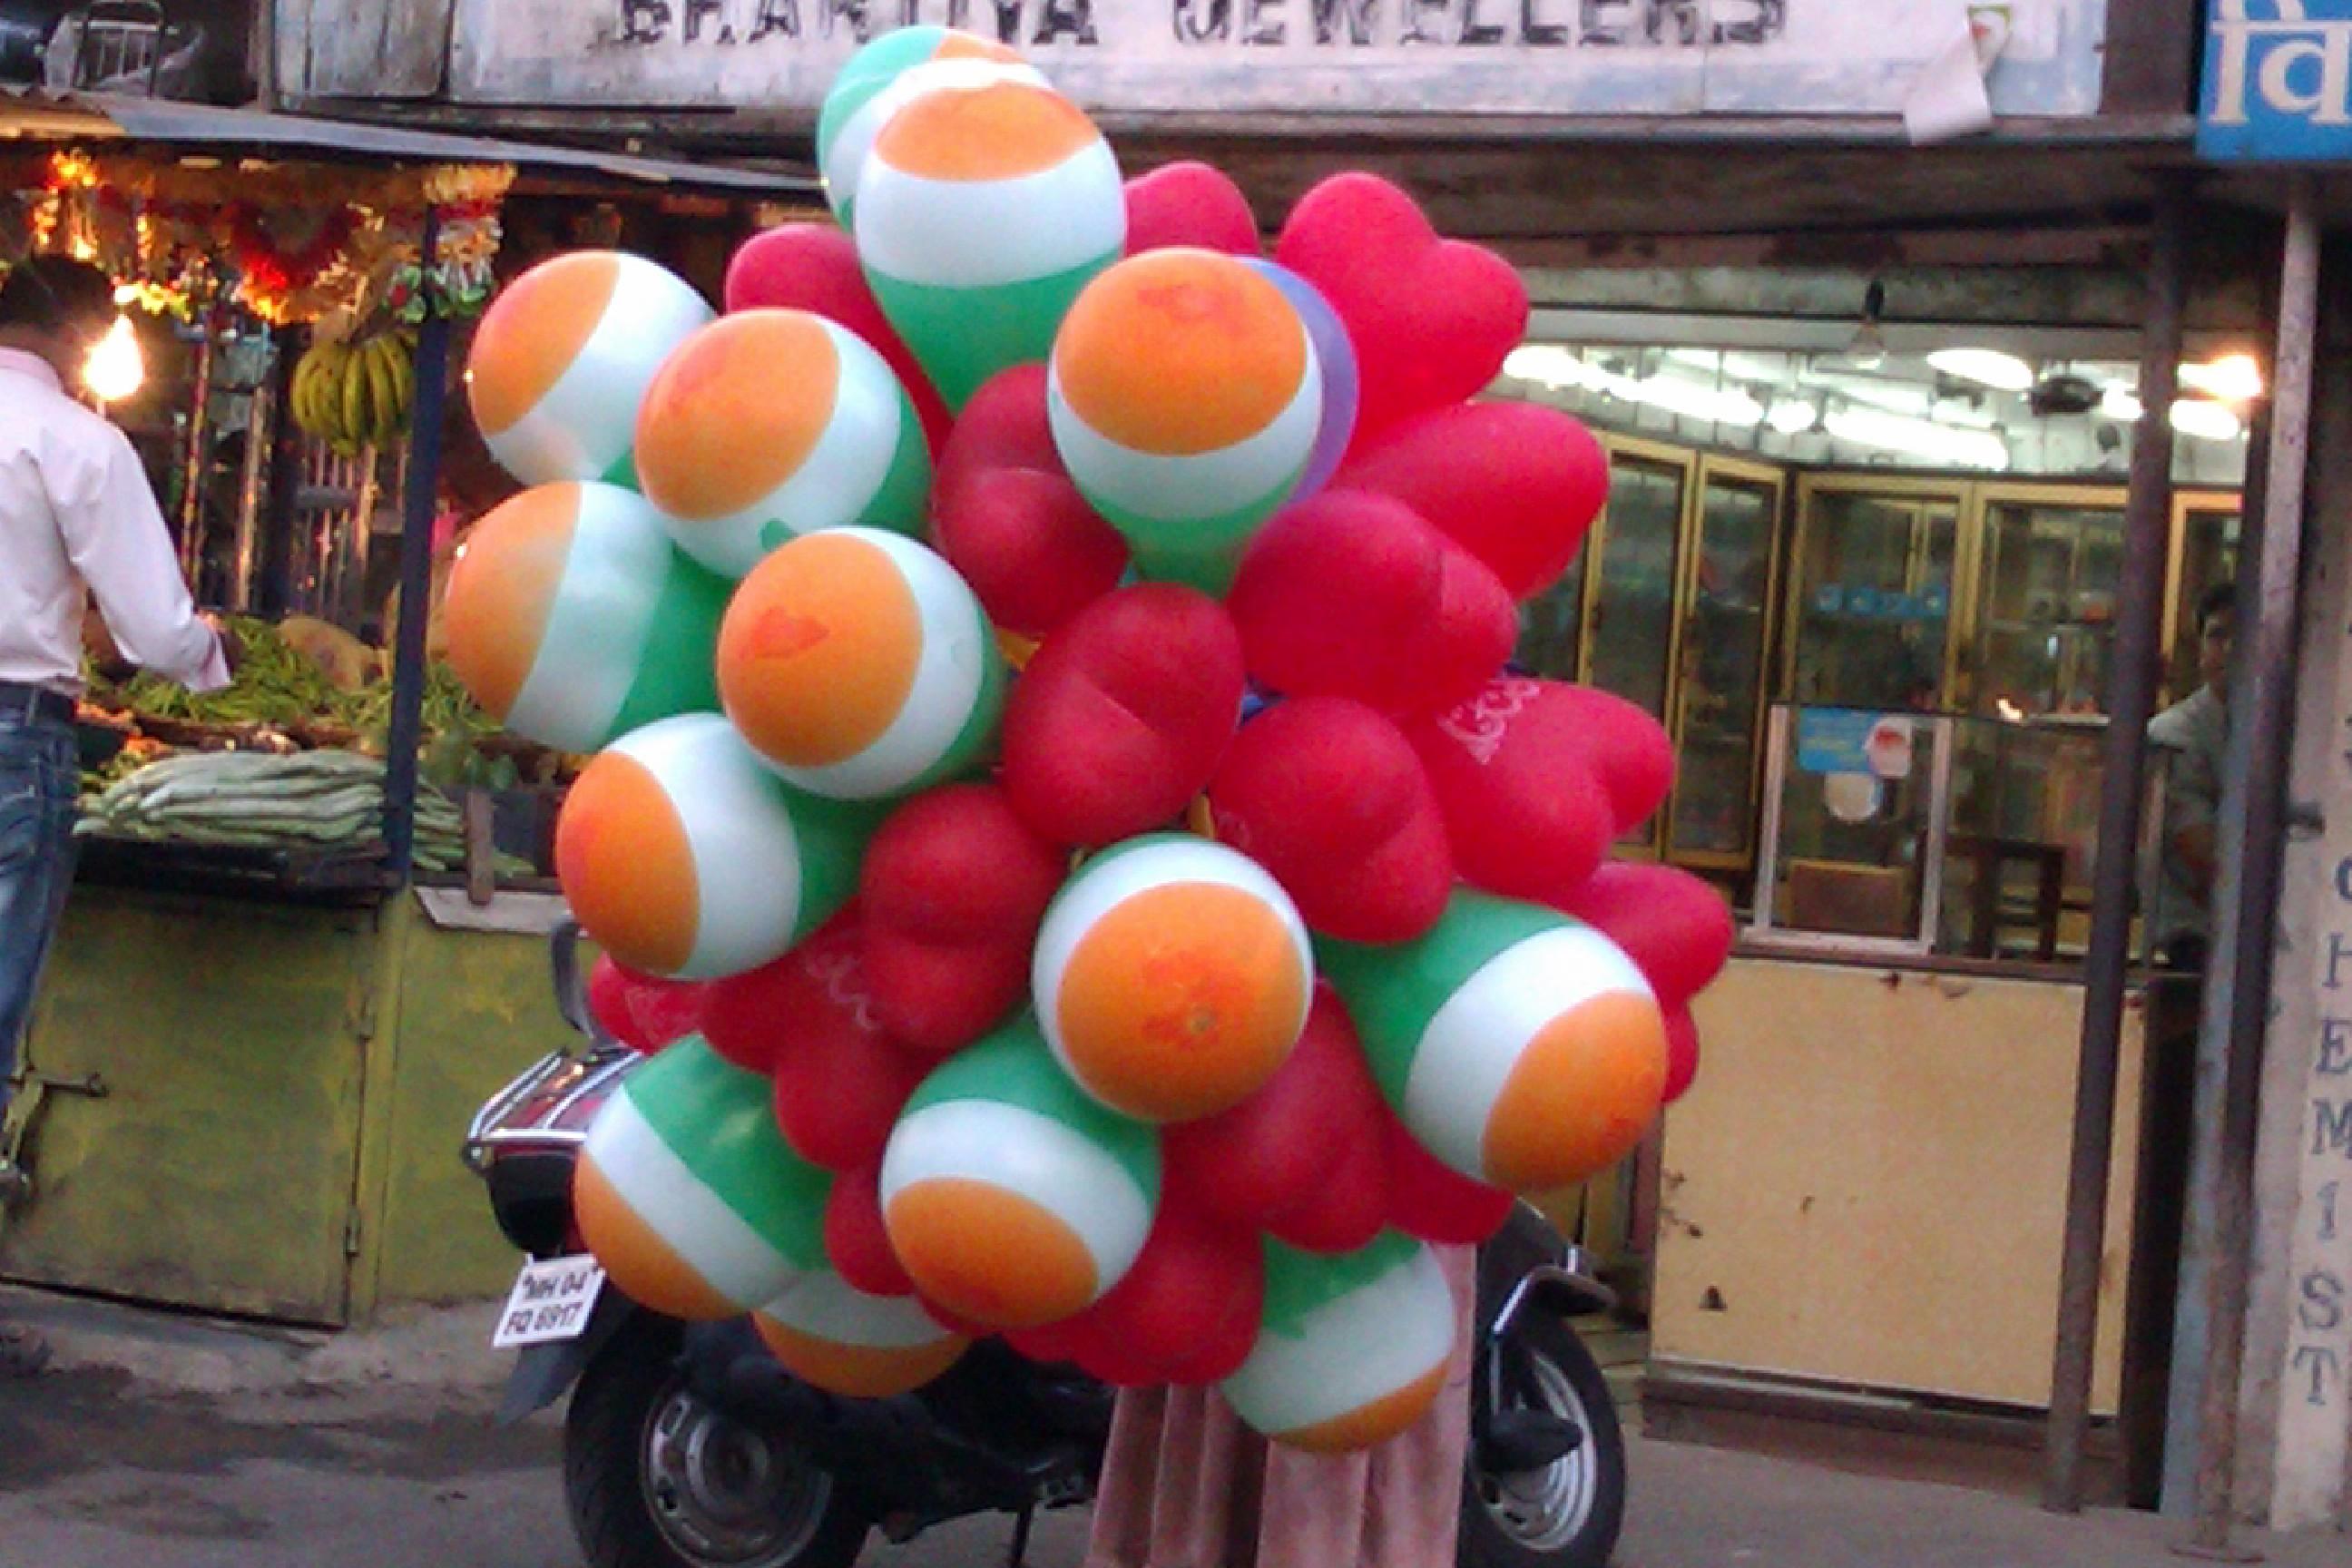 Tricolour_balloons.jpg (2592×1728)